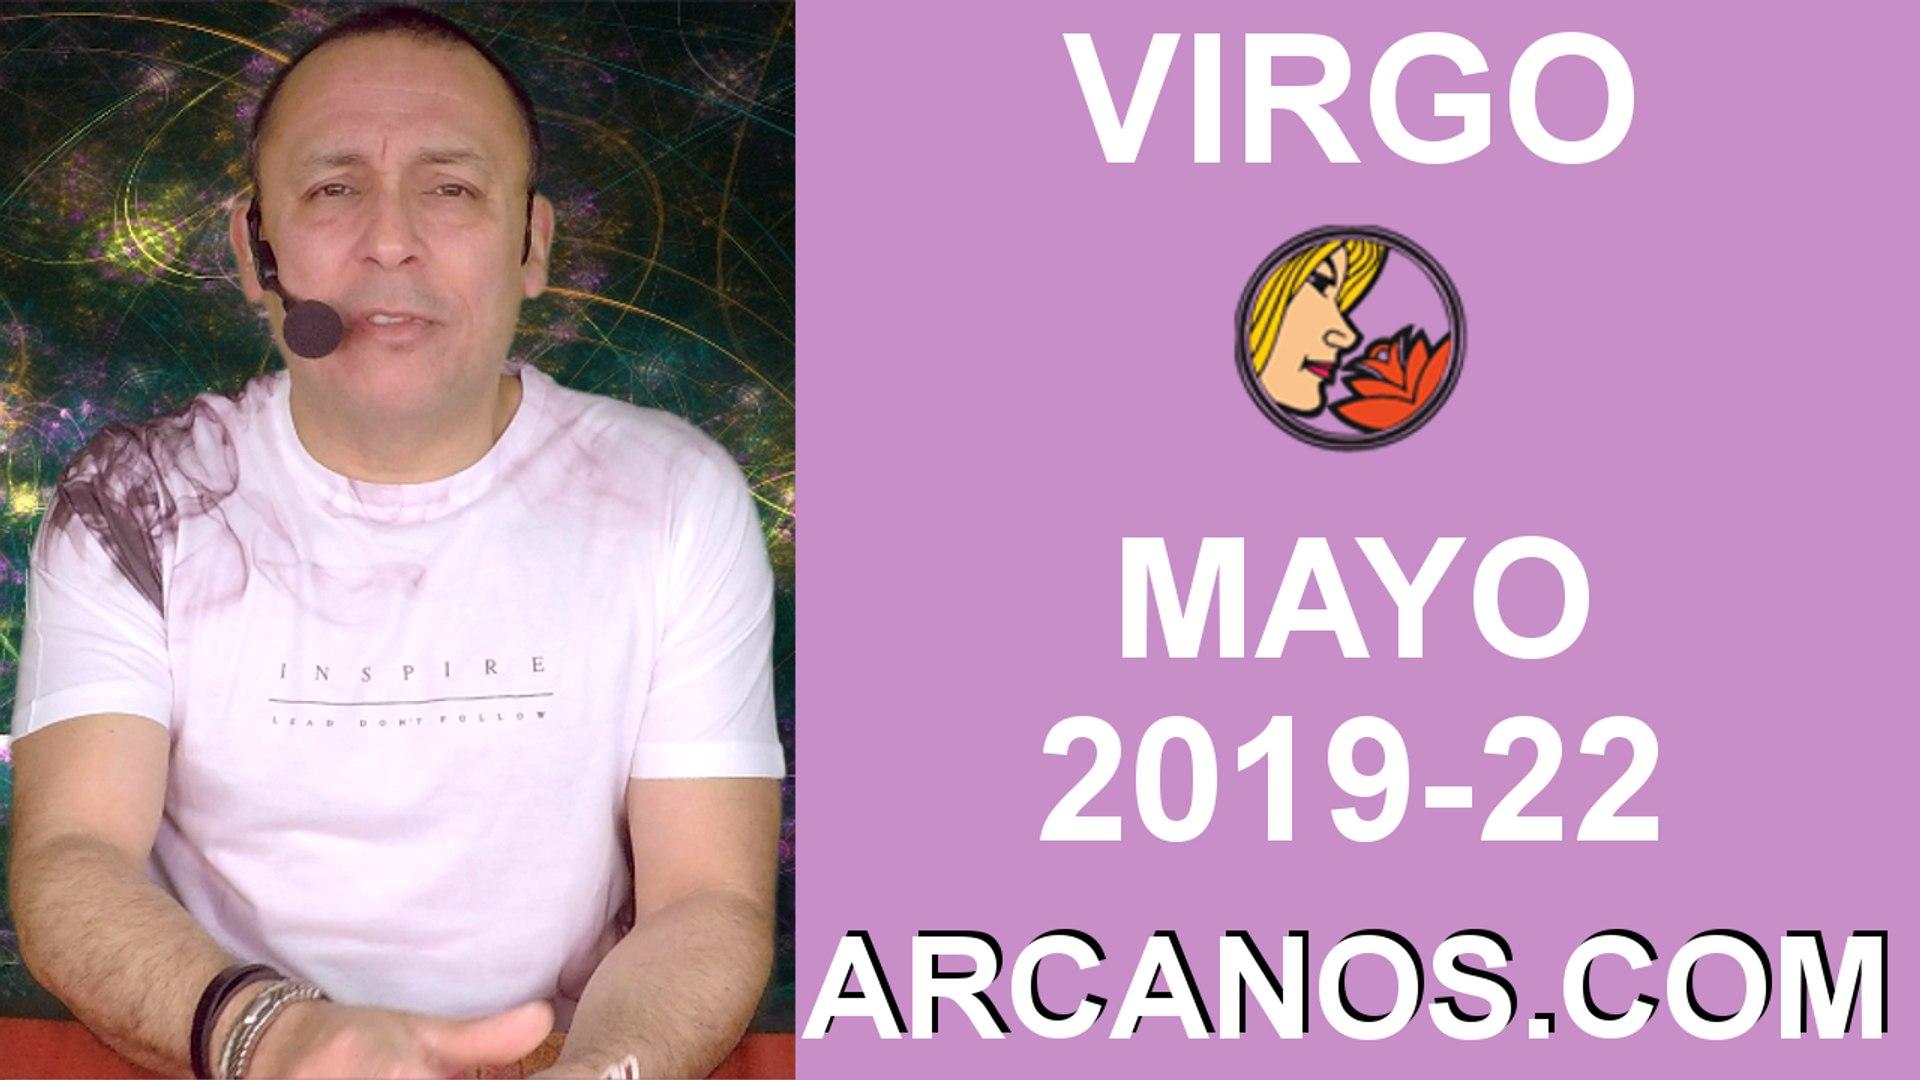 HOROSCOPO VIRGO-Semana 2019-22-Del 26 de mayo al 1 de junio de 2019-ARCANOS.COM